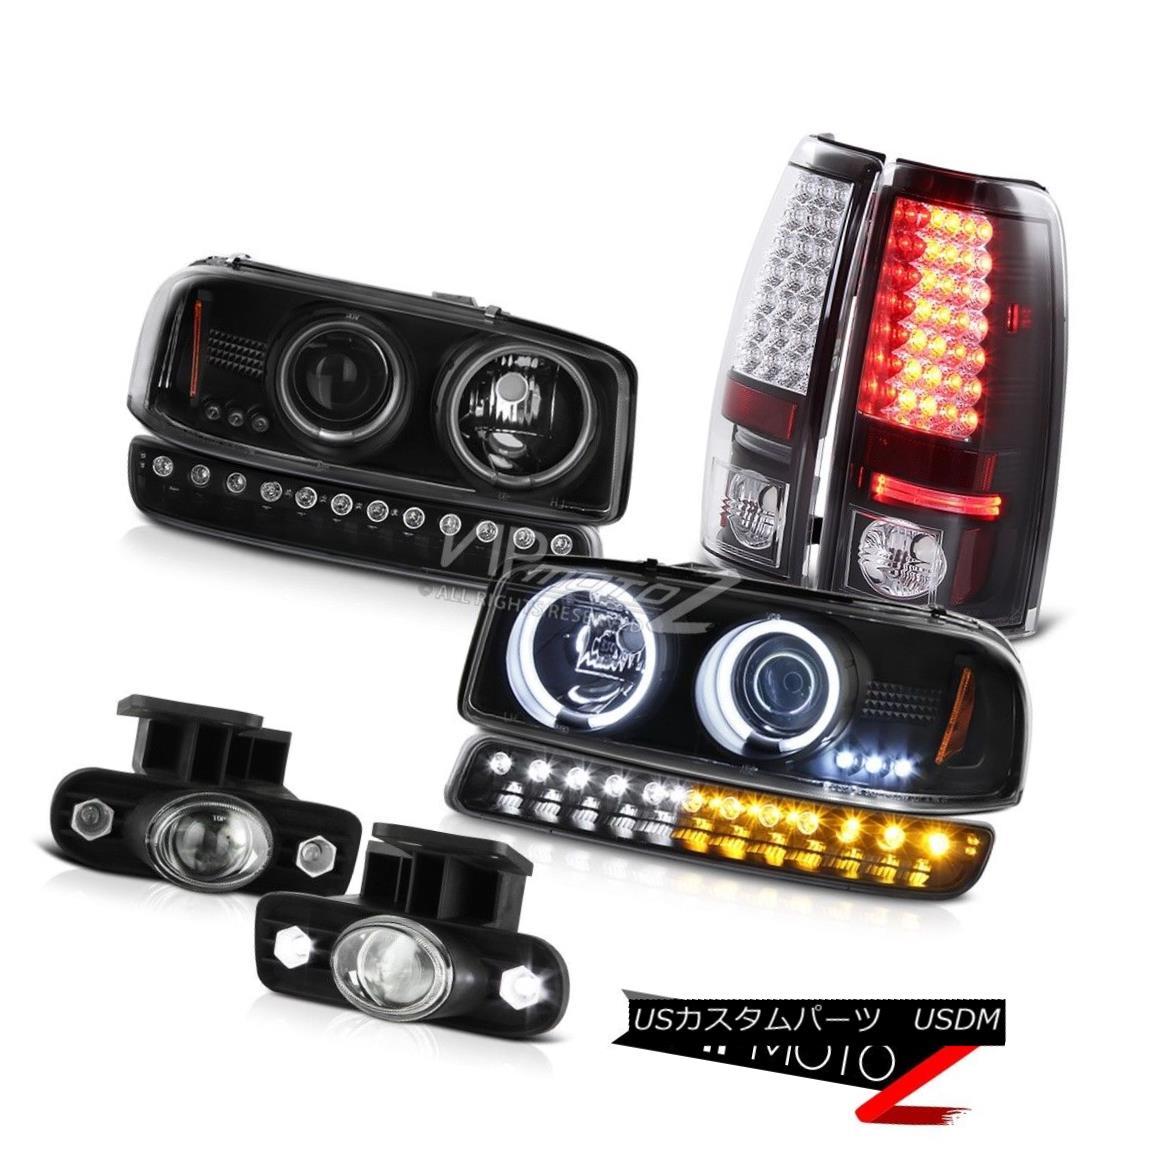 ヘッドライト 99-02 Sierra 5.3L Foglights smd tail lamps parking lamp ccfl projector headlamps 99-02シエラ5.3L Foglights smdテールランプパーキングランプccflプロジェクターヘッドランプ